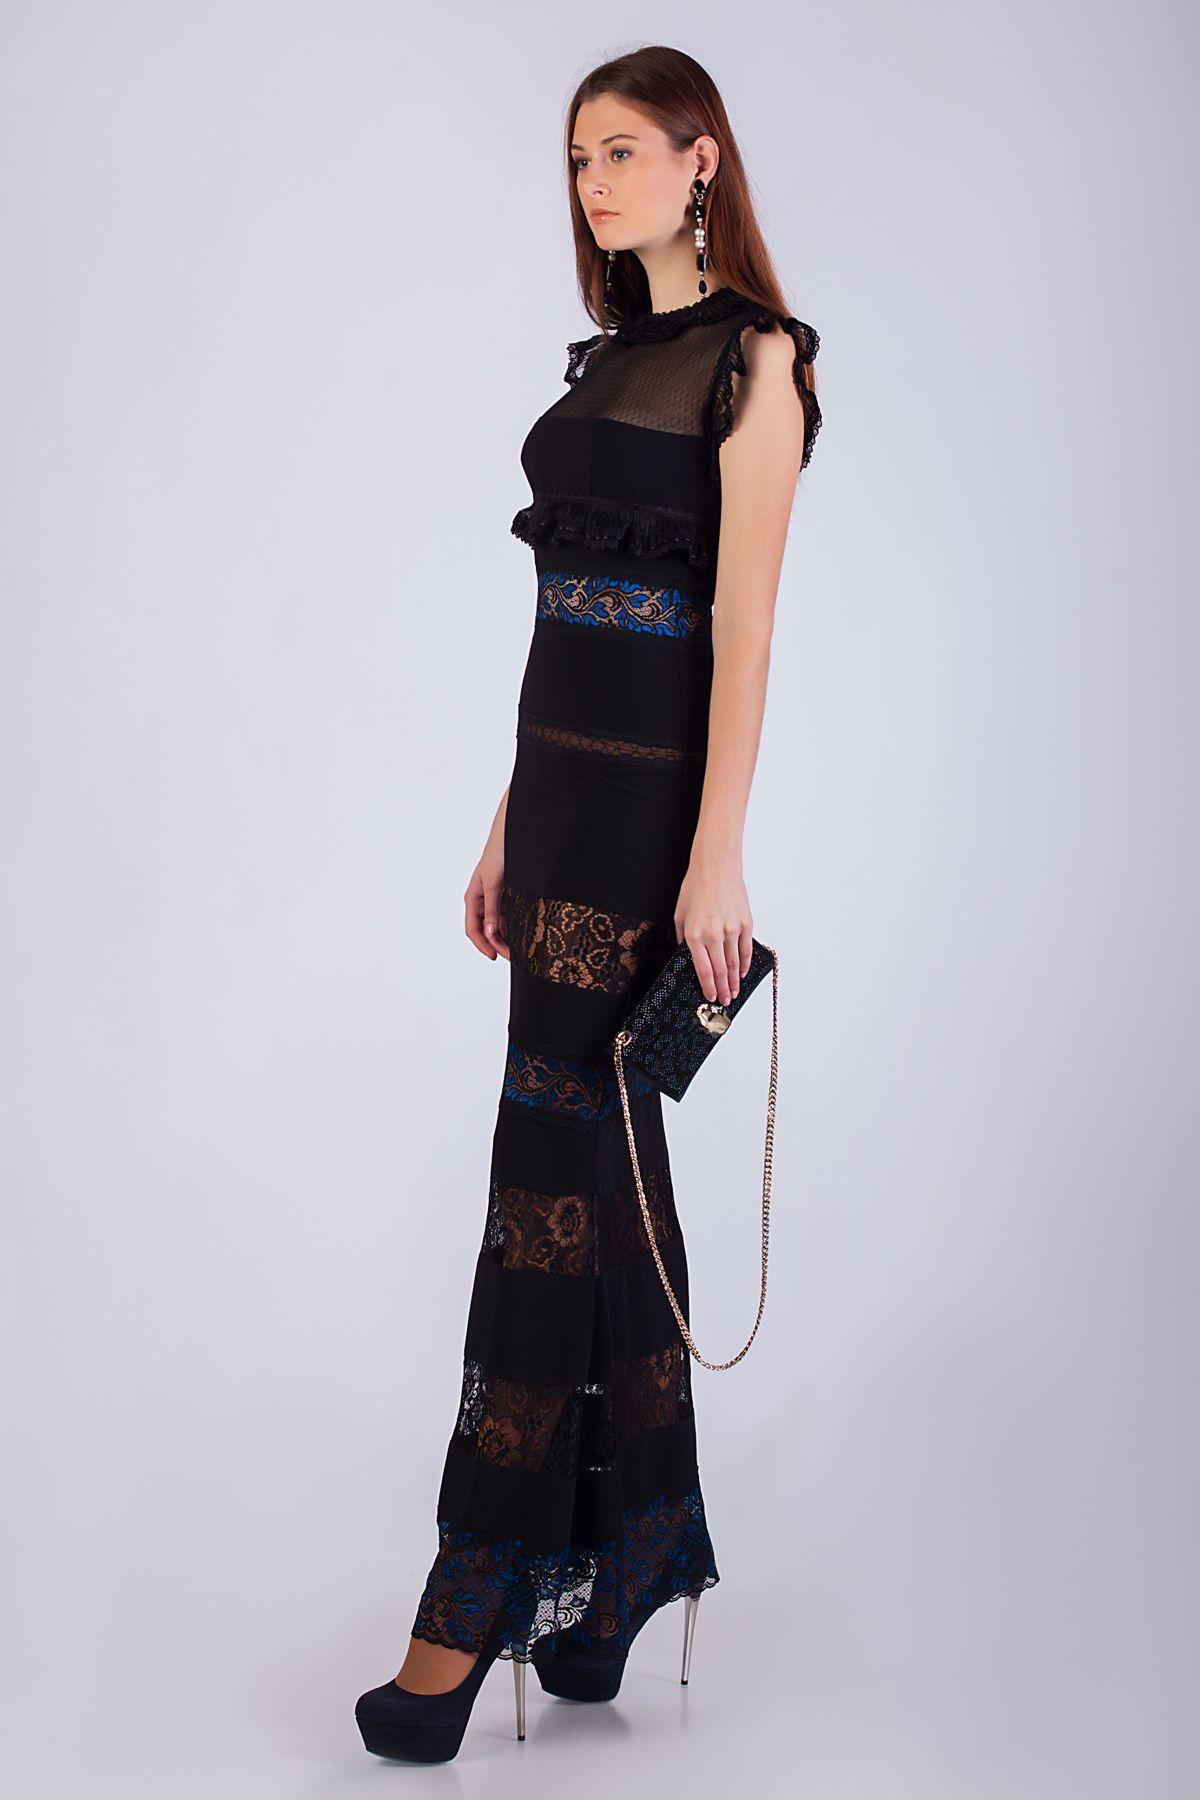 Купить черное платье в пол с кружевом Roman Rush   Шикарное ... 50f243b4c4b